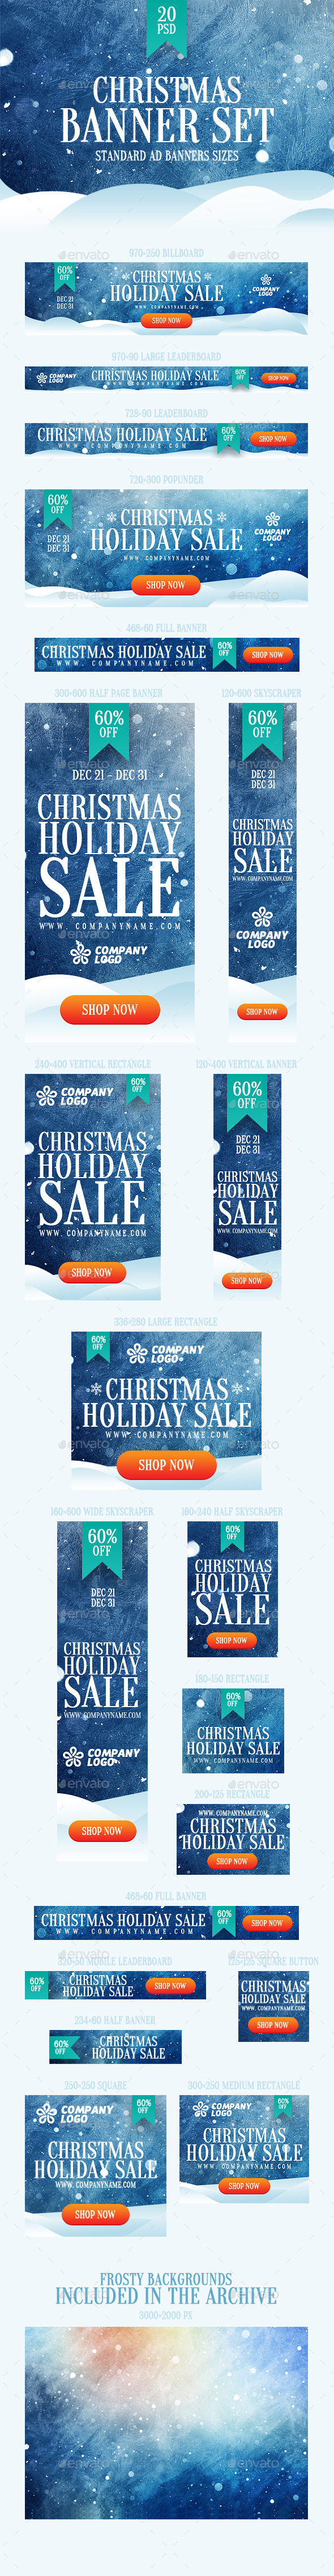 GraphicRiver Christmas Banner Set 9825802